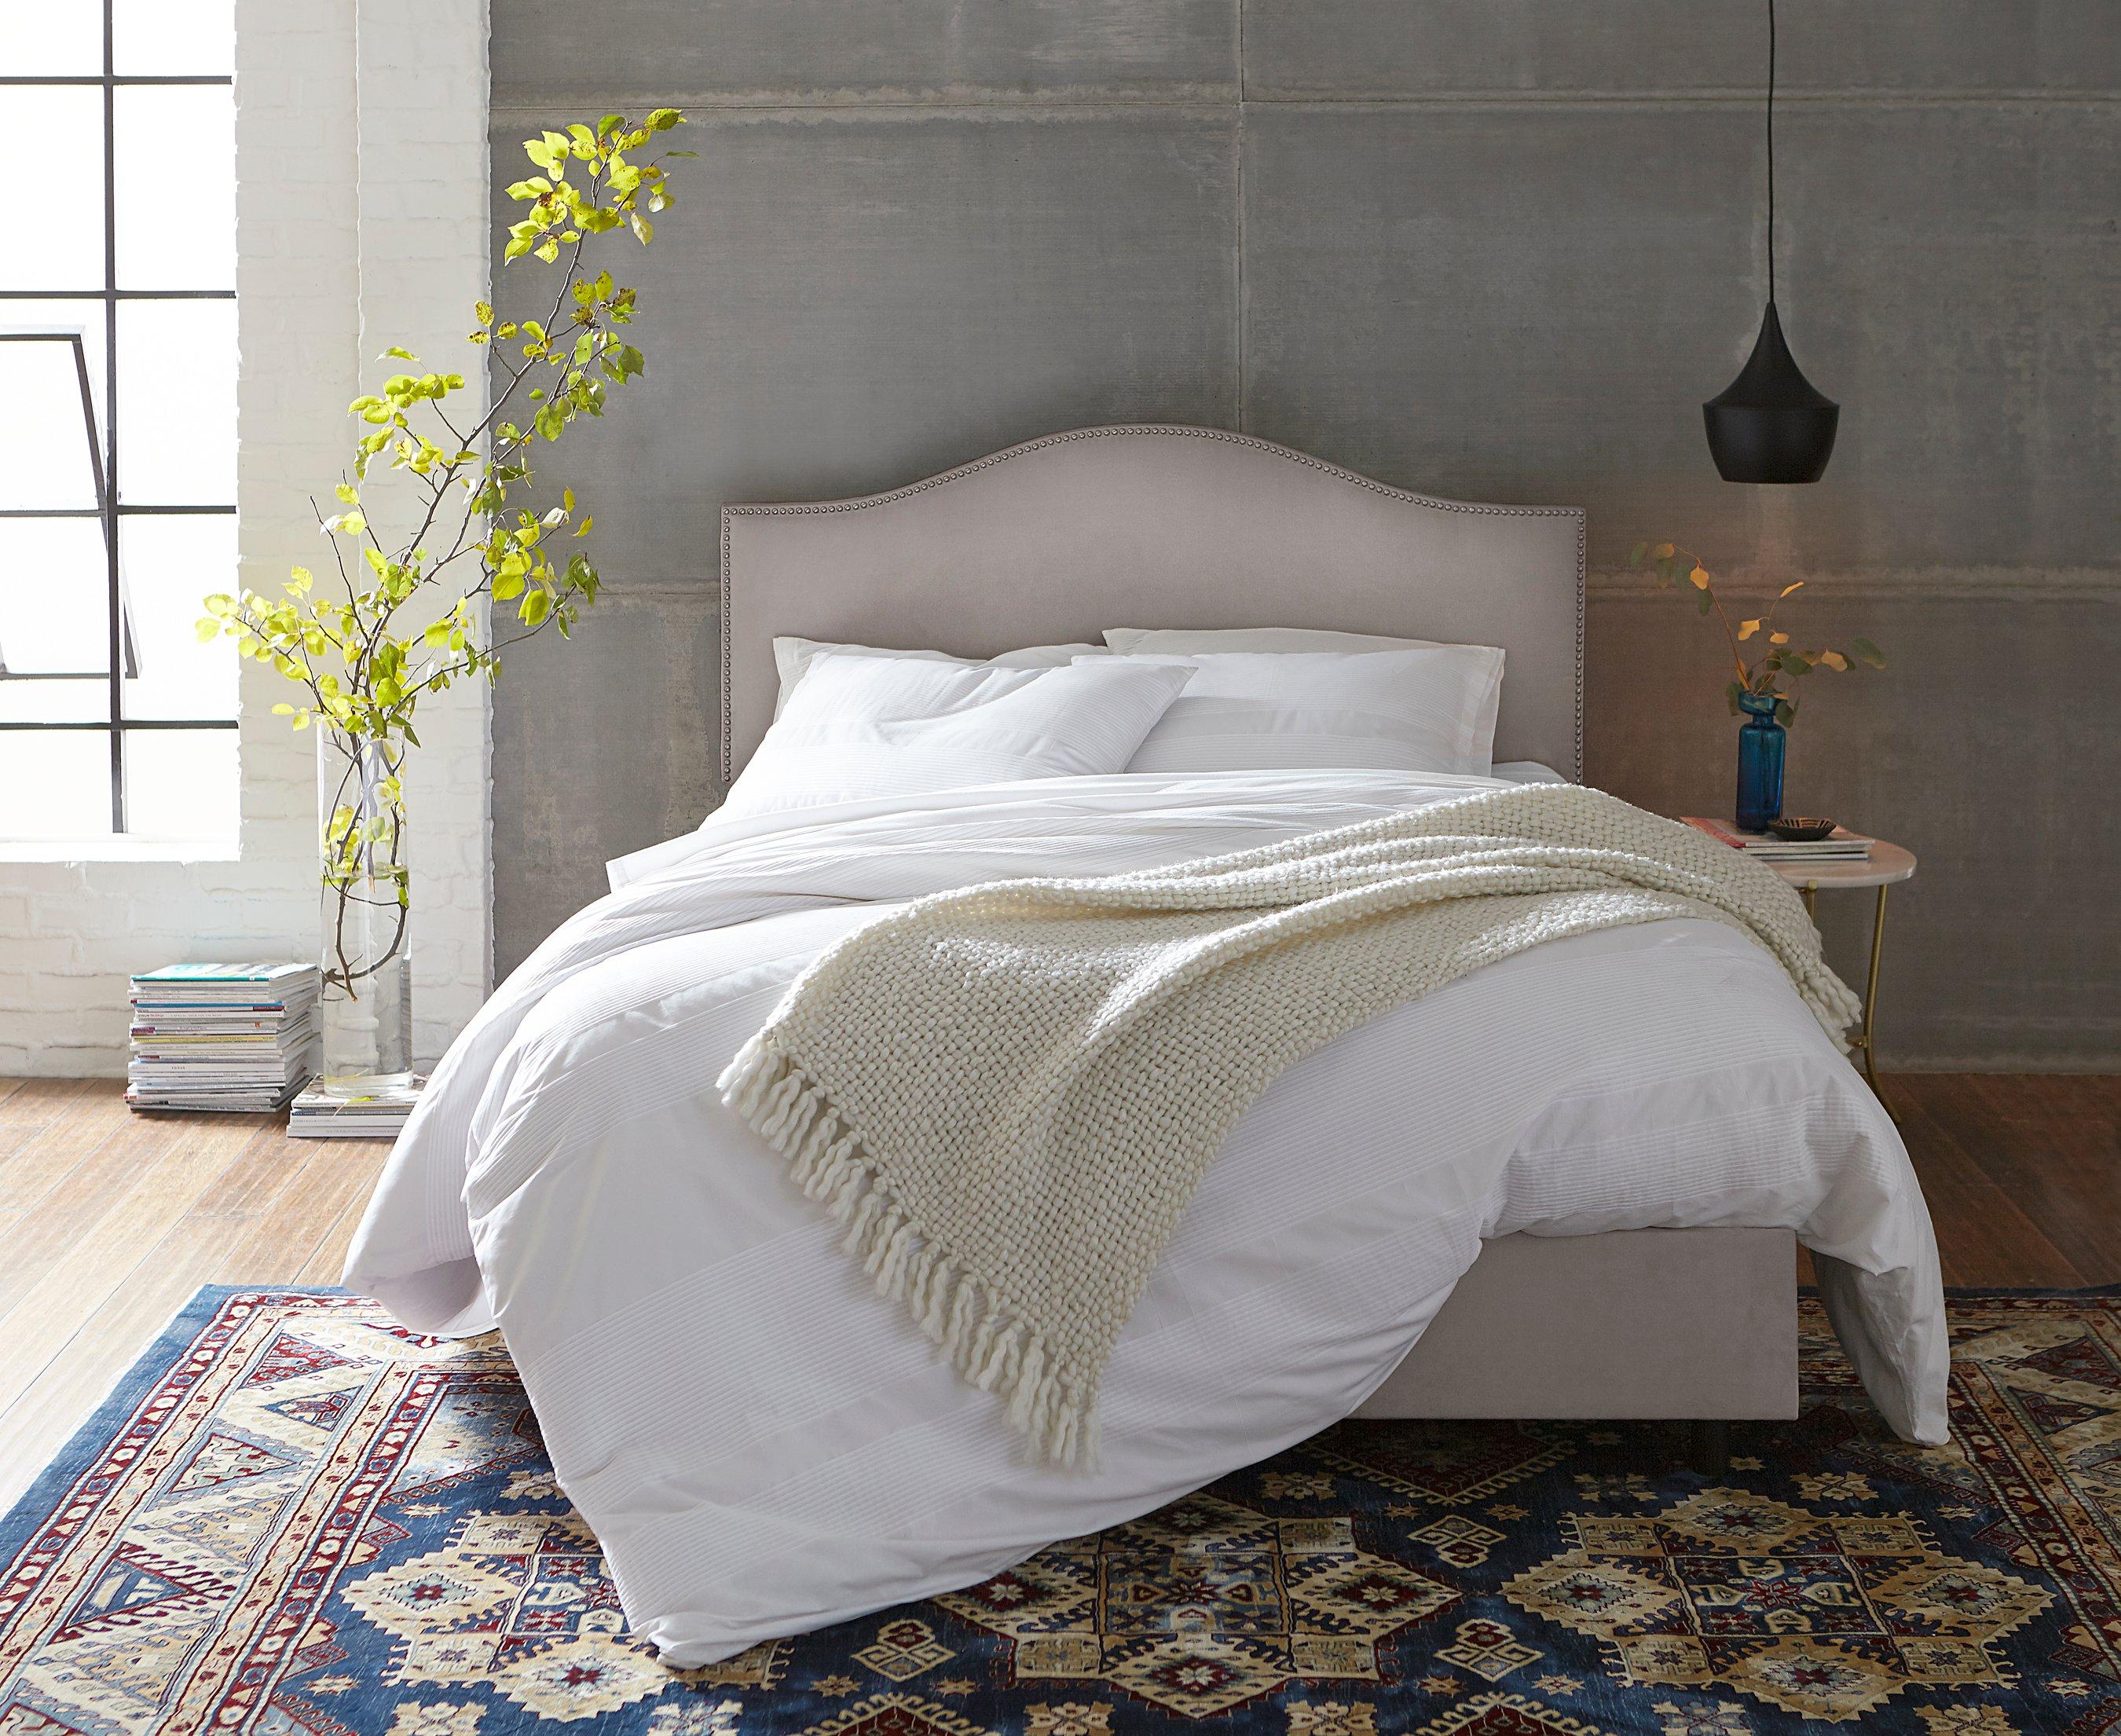 bedroom-white-comforter-linen-headboard-open-window-plants